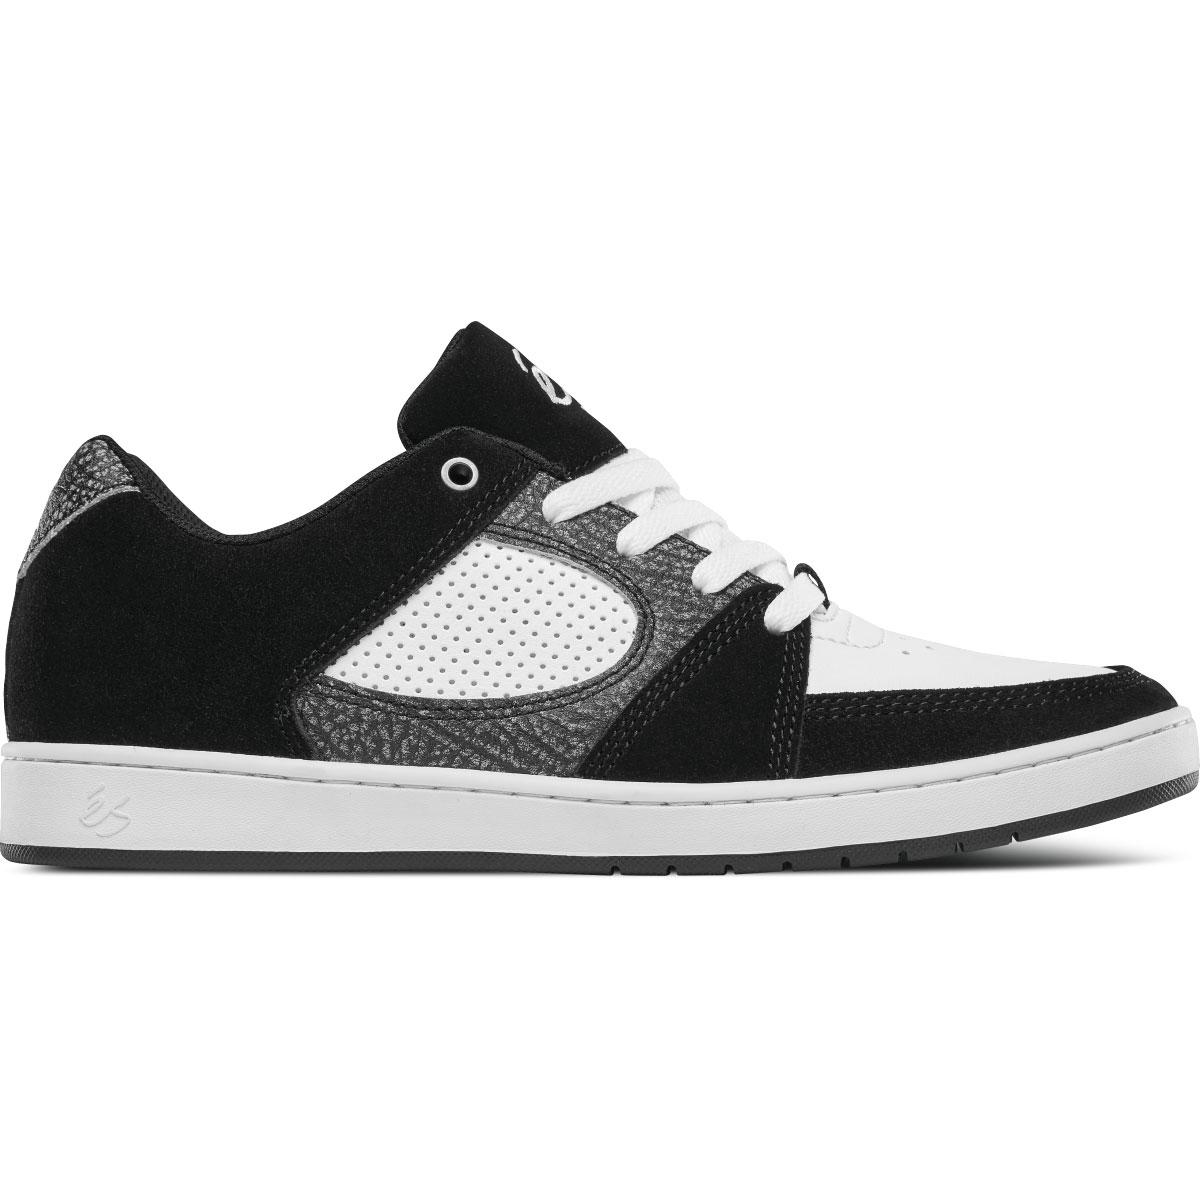 eS Skateboard Shoes Accel Slim Black